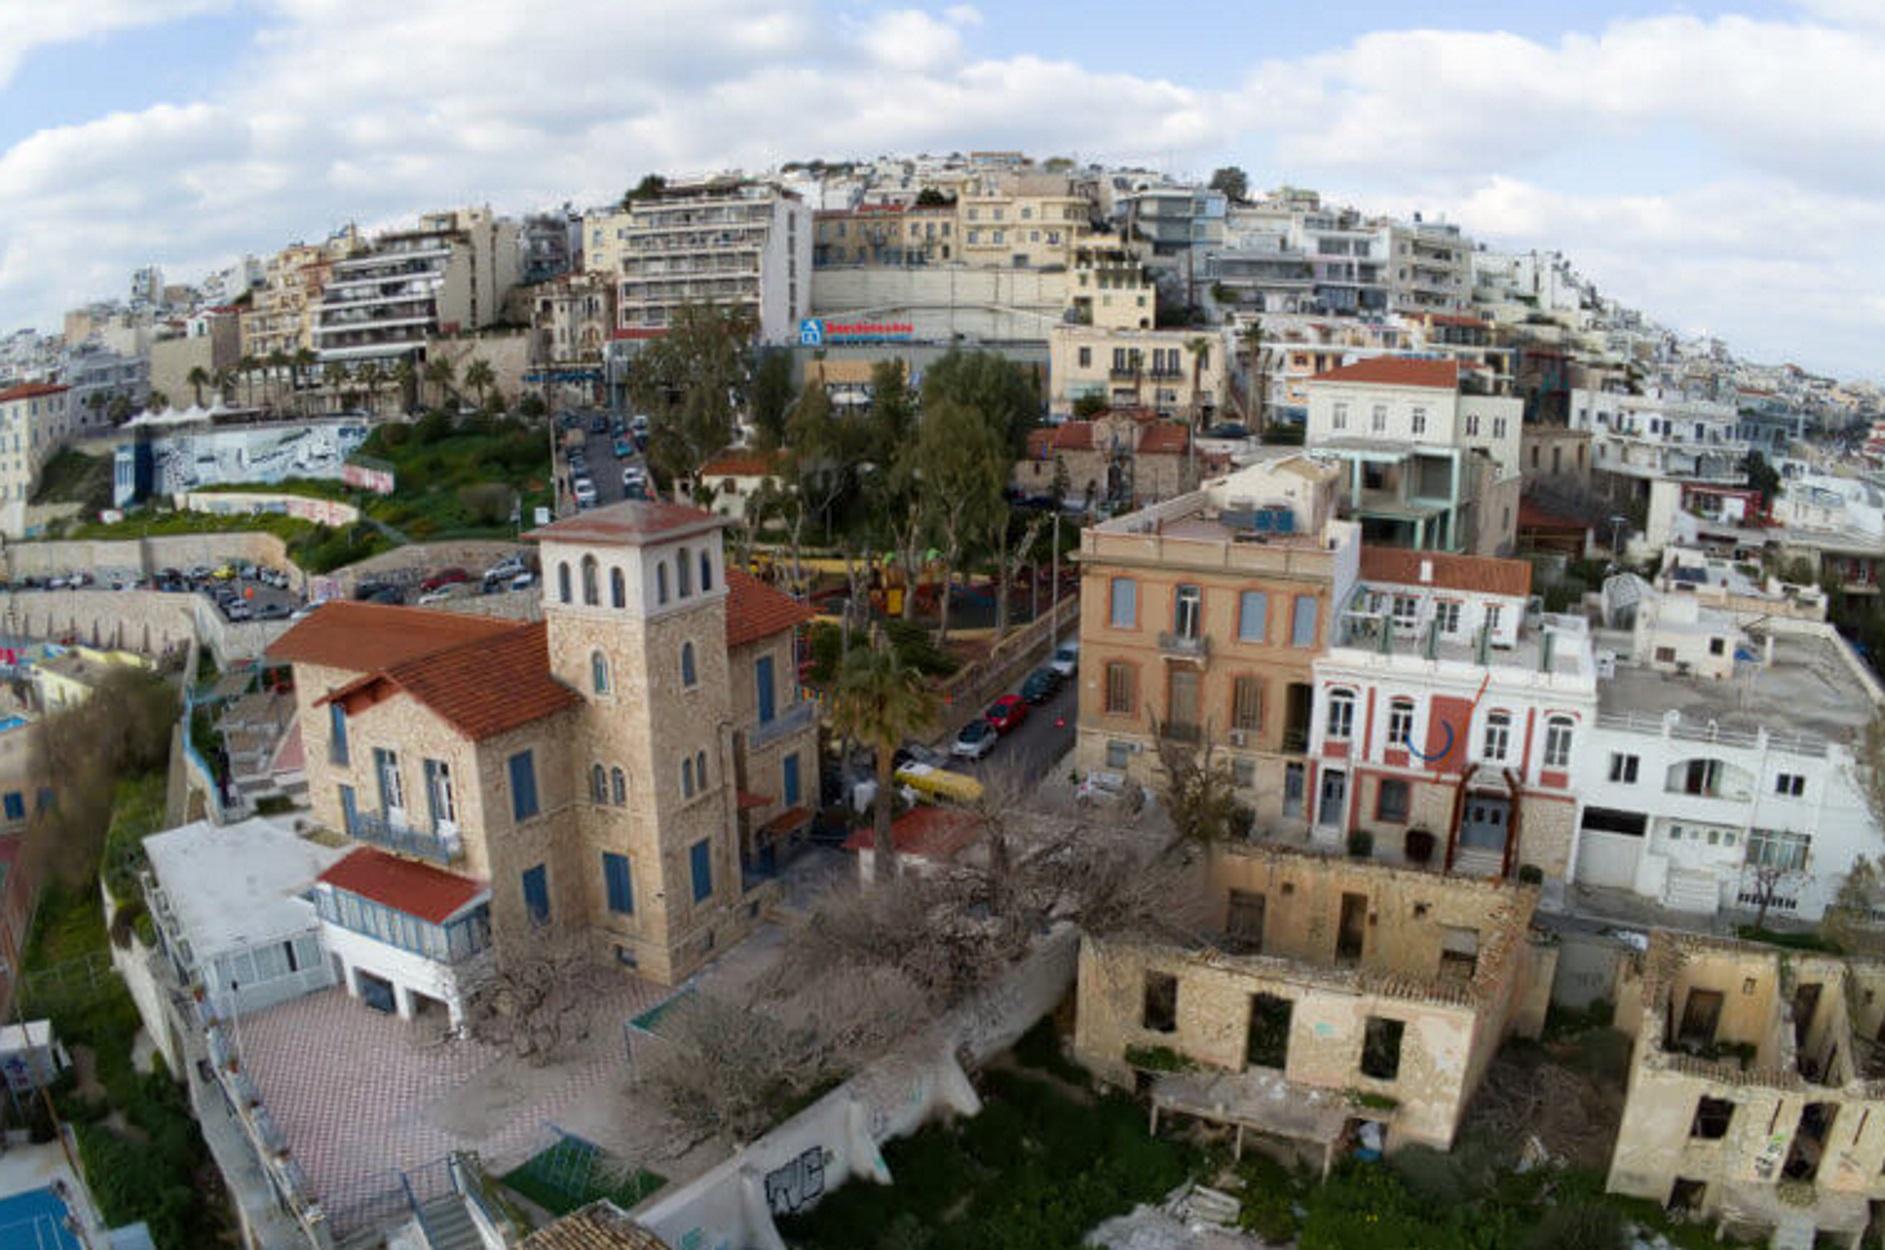 Προστασία πρώτης κατοικίας: Πάνω από 21.000 χρήστες έχουν ξεκινήσει τη διαδικασία υπαγωγής